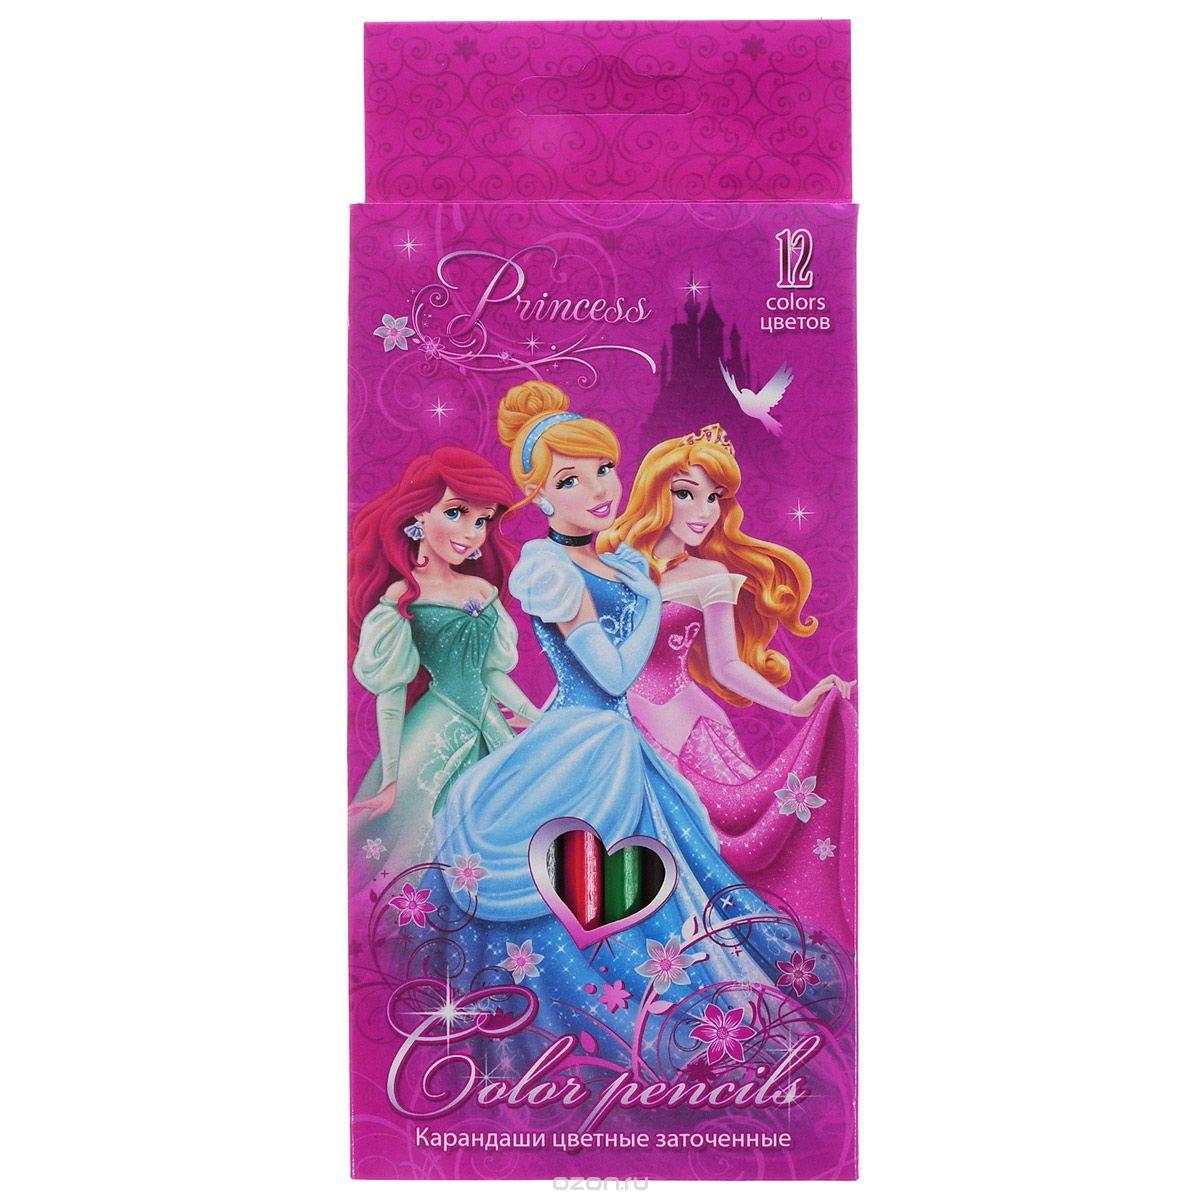 Набор цветных карандашей, 12 шт. Цветные карандаши длиной 17,8 см; заточенные; дерево ; цветной грифель 3 мм; карандаш в цвет грифеля с логотипом;Коробка из мелованного картона, раздвижная, европодвес. Princess72523WDНабор цветных карандашей Princess состоит из двенадцати ярких и насыщенных цветов. Карандаши уже заточены, поэтому все, что нужно для рисования - это взять чистый лист бумаги, и можно начинать! Поверхность: Бумага. Упаковка: .